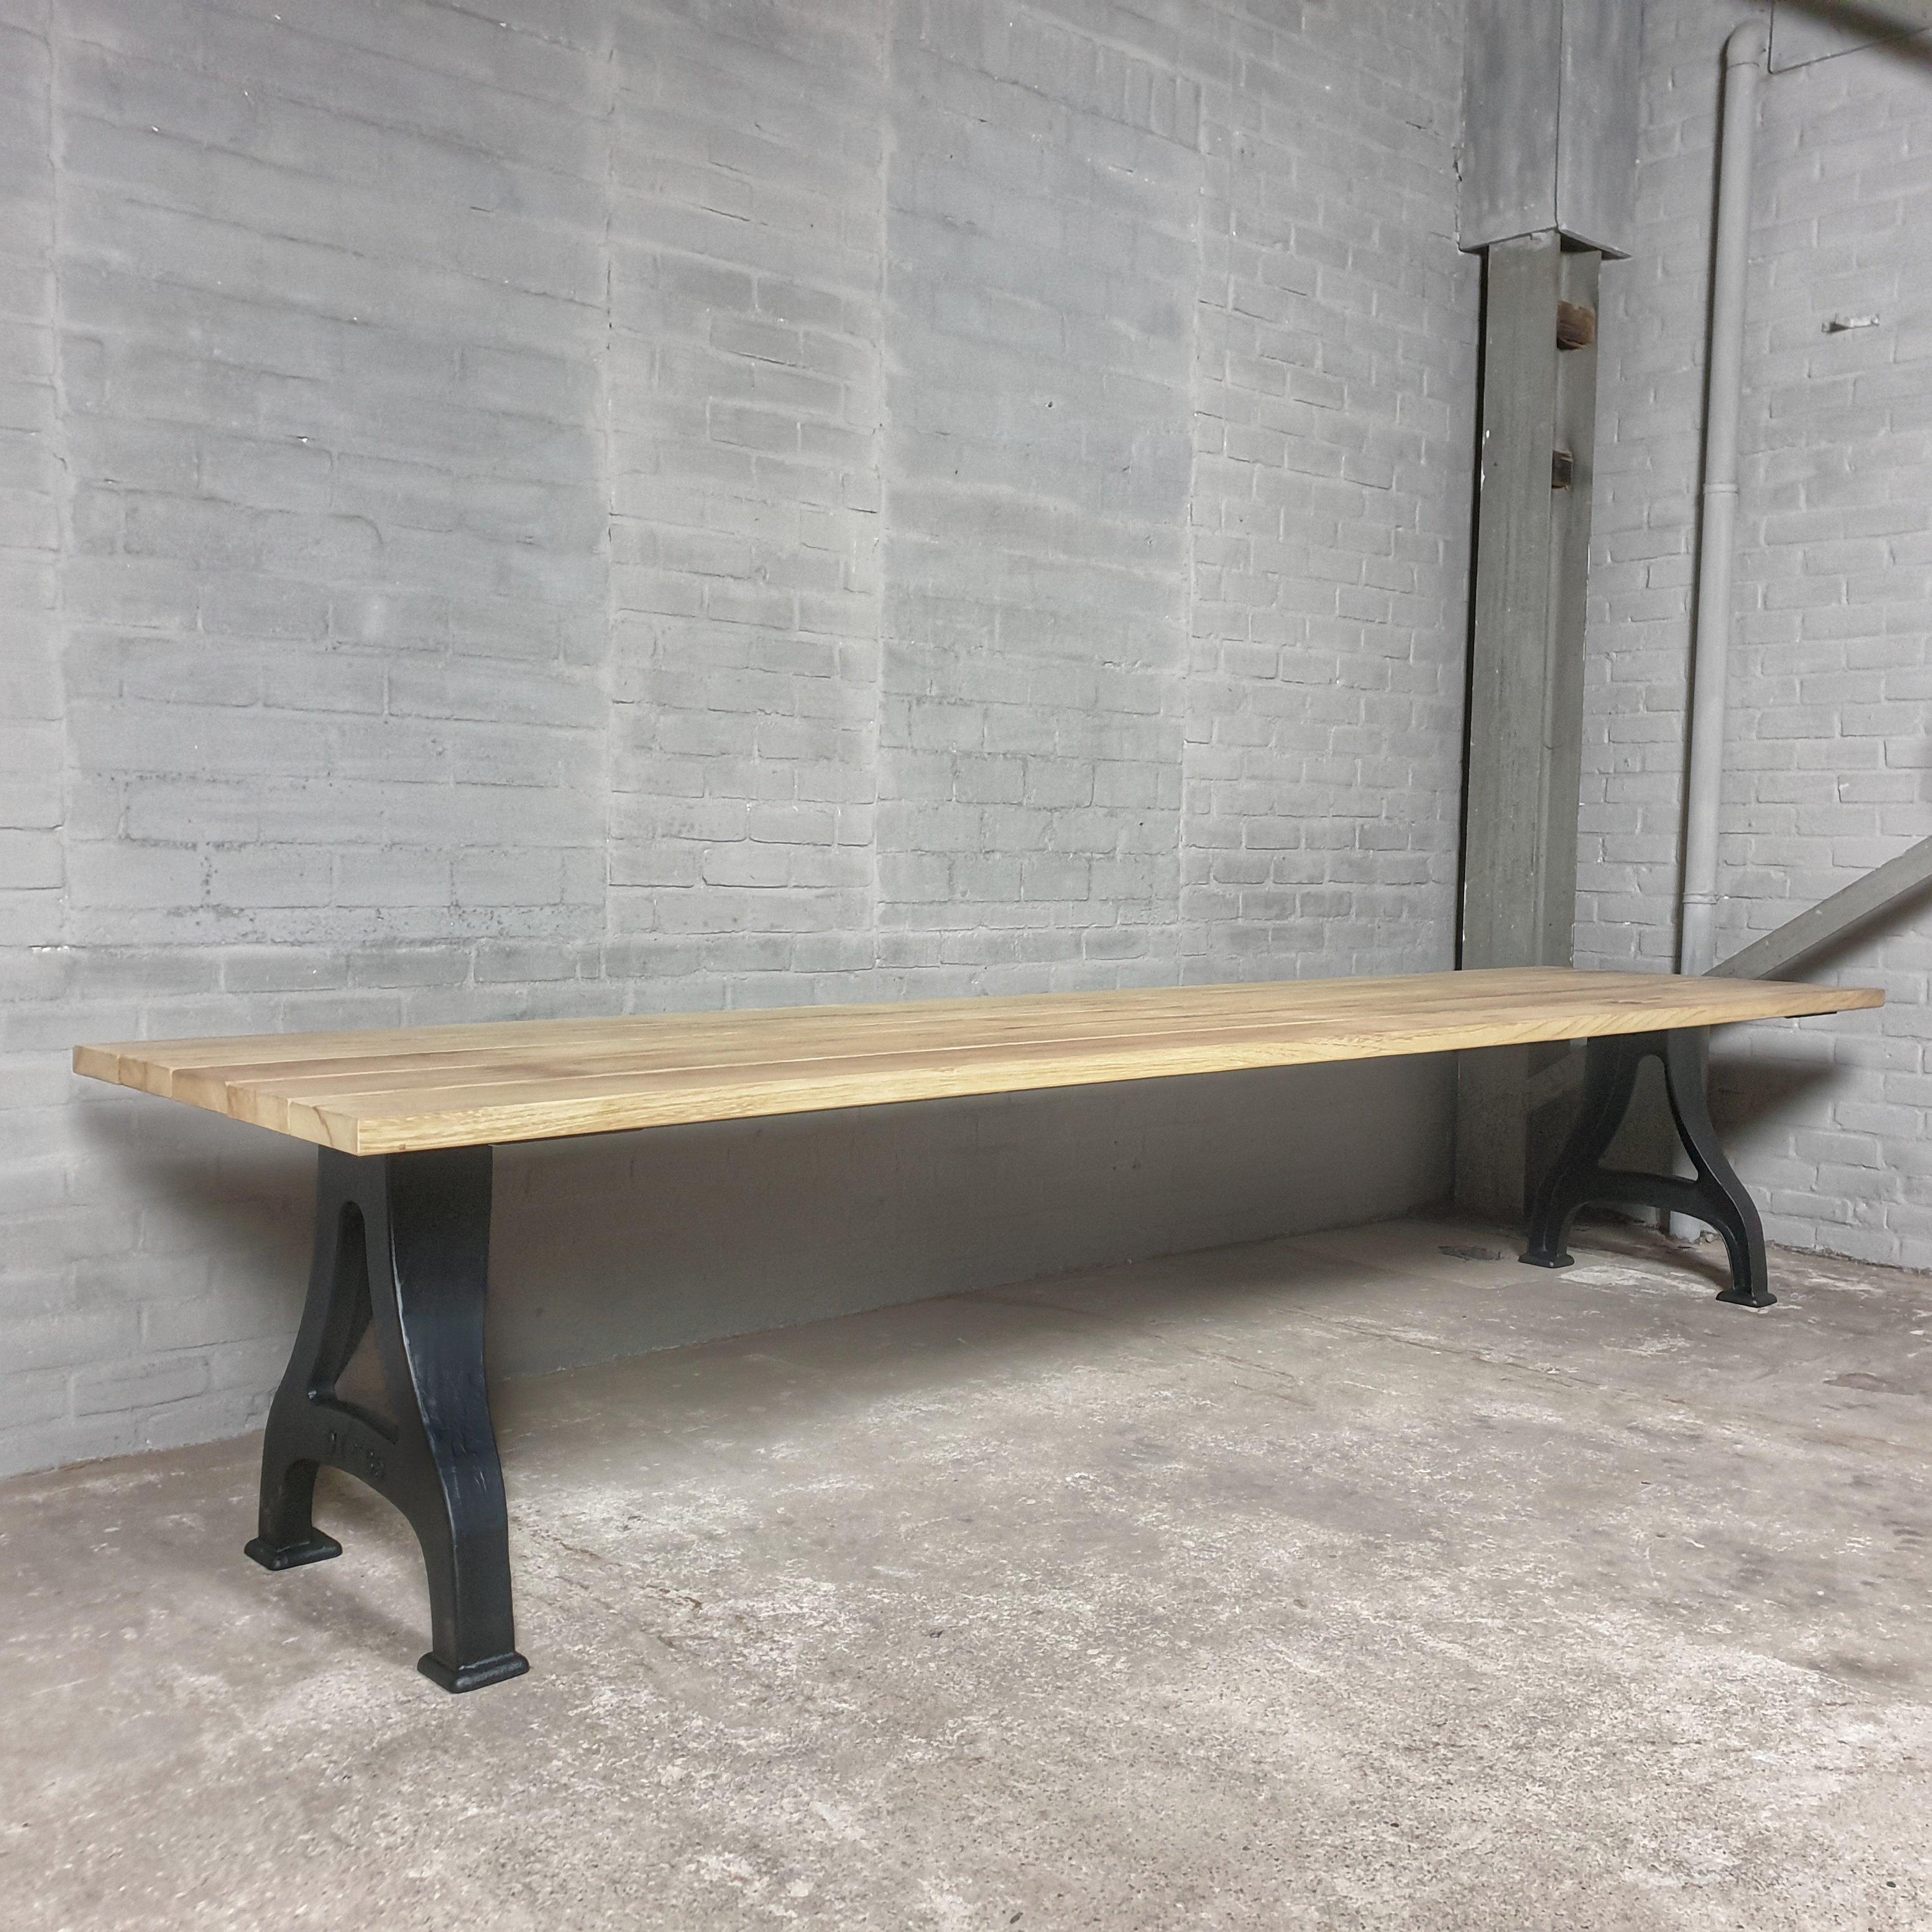 Industrie Design Gartentisch mit Beine aus Gusseisen, Tischplatte aus Hartholz Iroko - T01